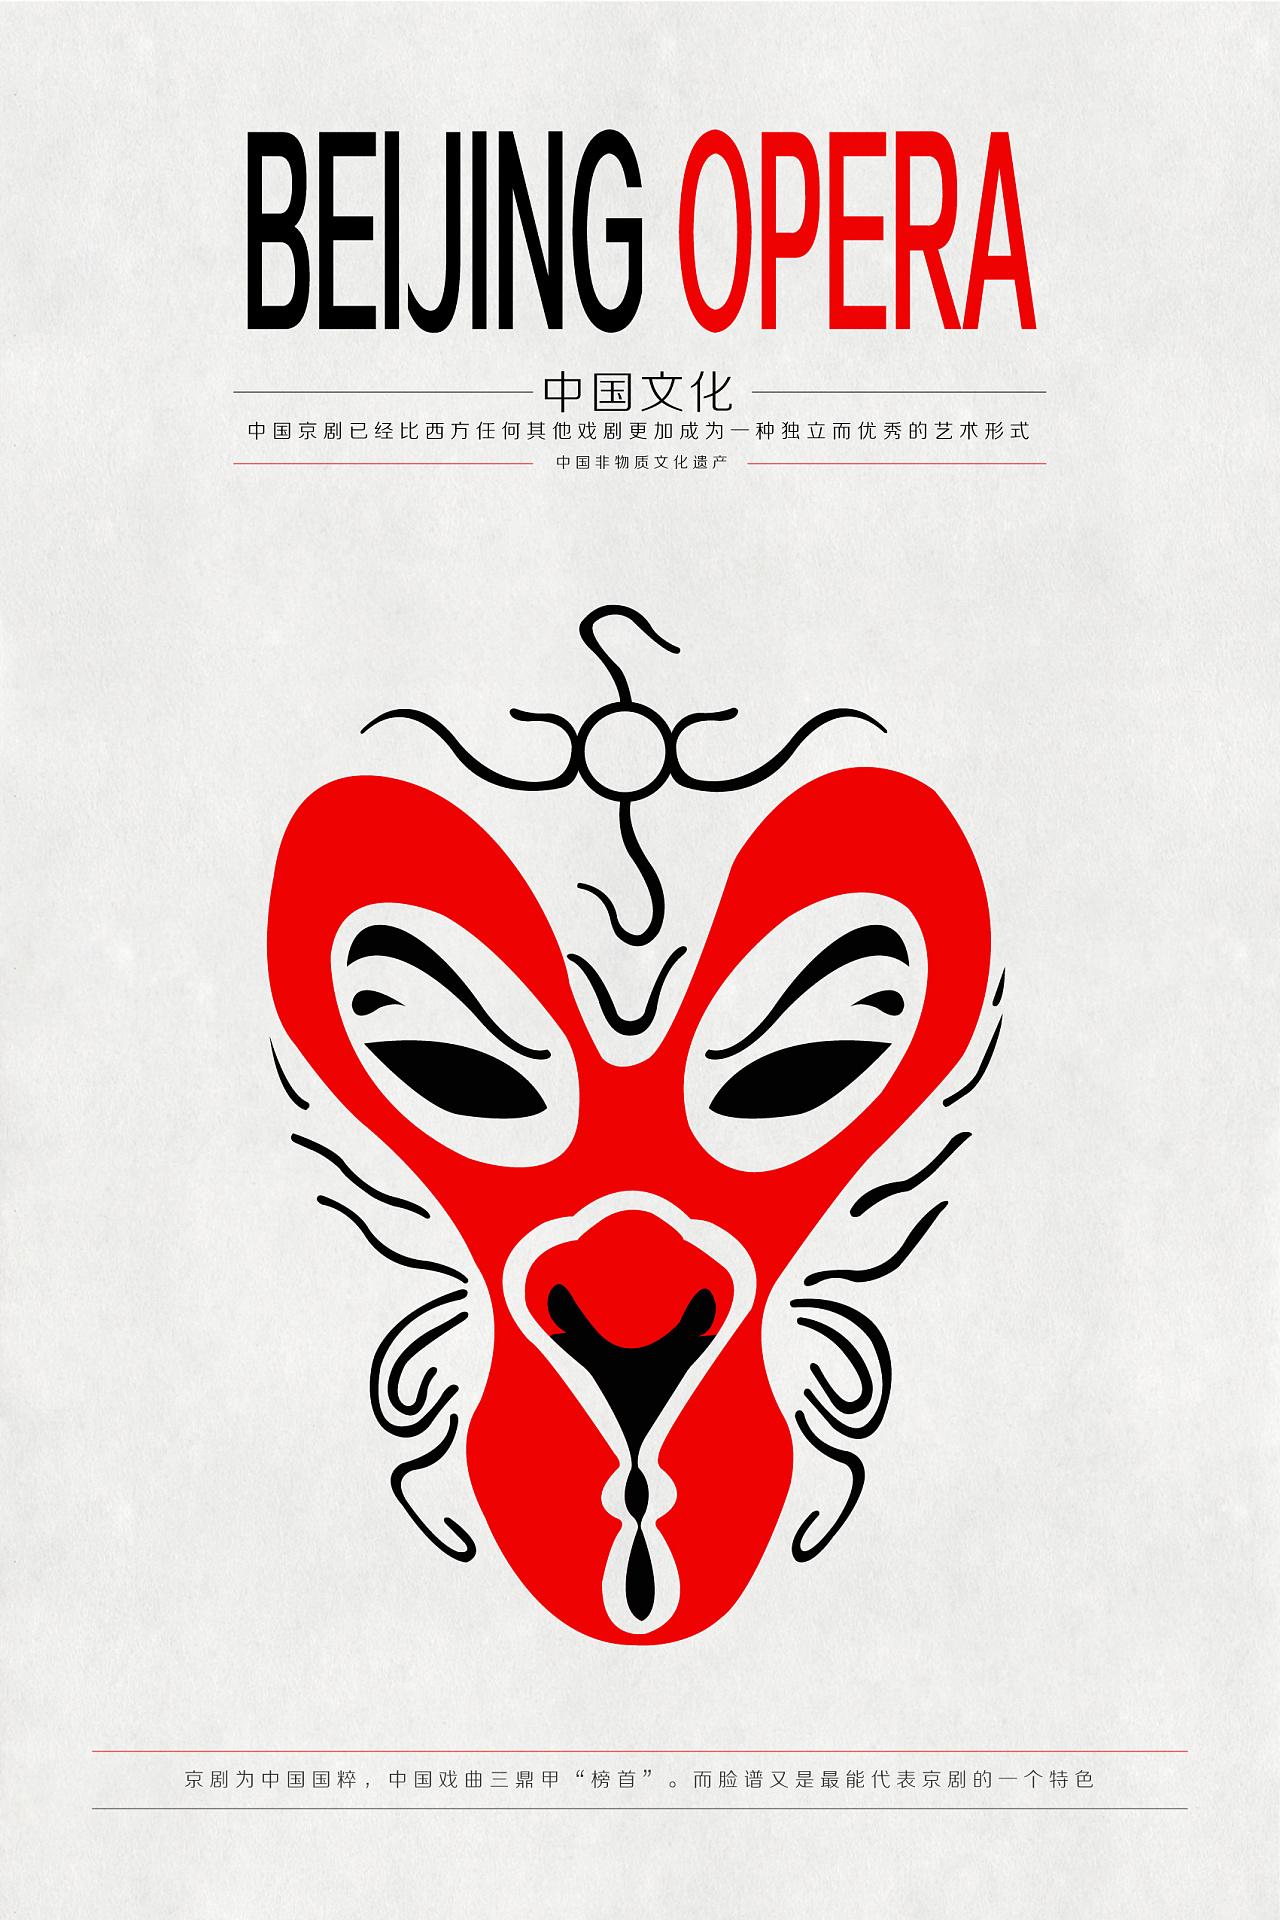 著名招贴设计作品_传统文化京剧海报|平面|海报|师小景 - 原创作品 - 站酷 (ZCOOL)